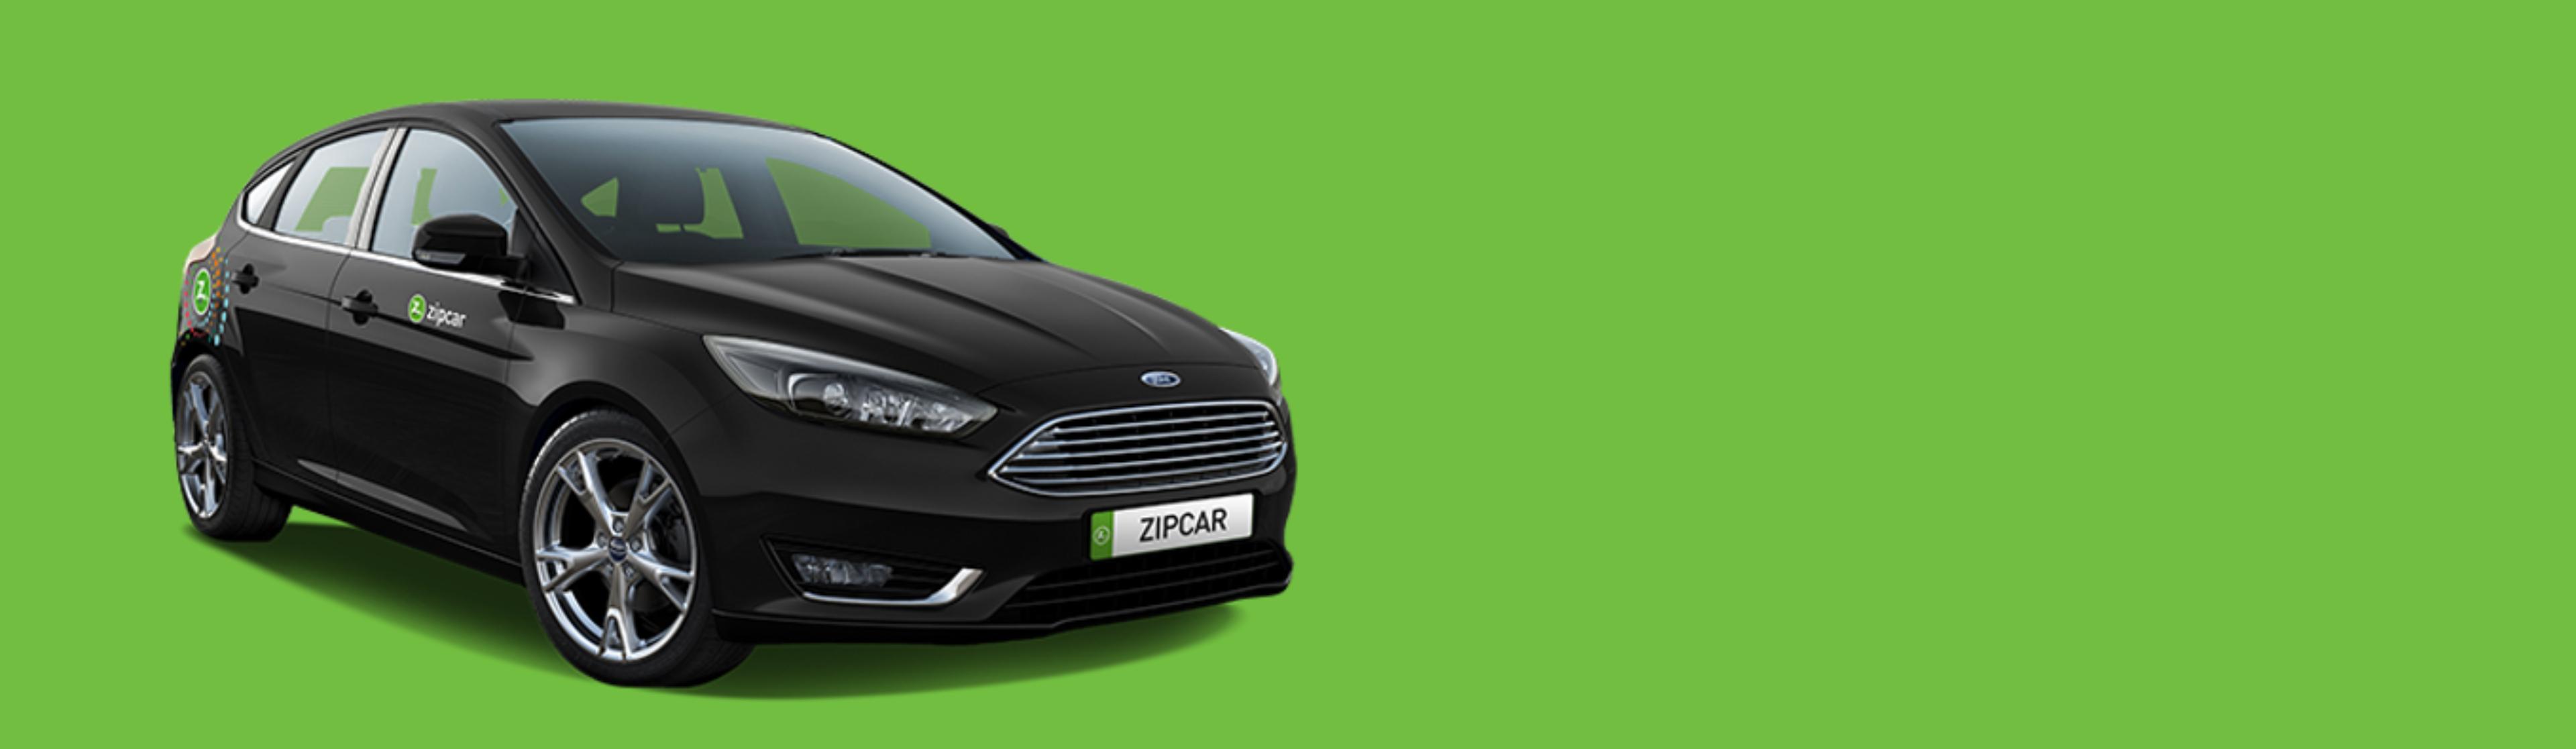 Zipcar ford Focus